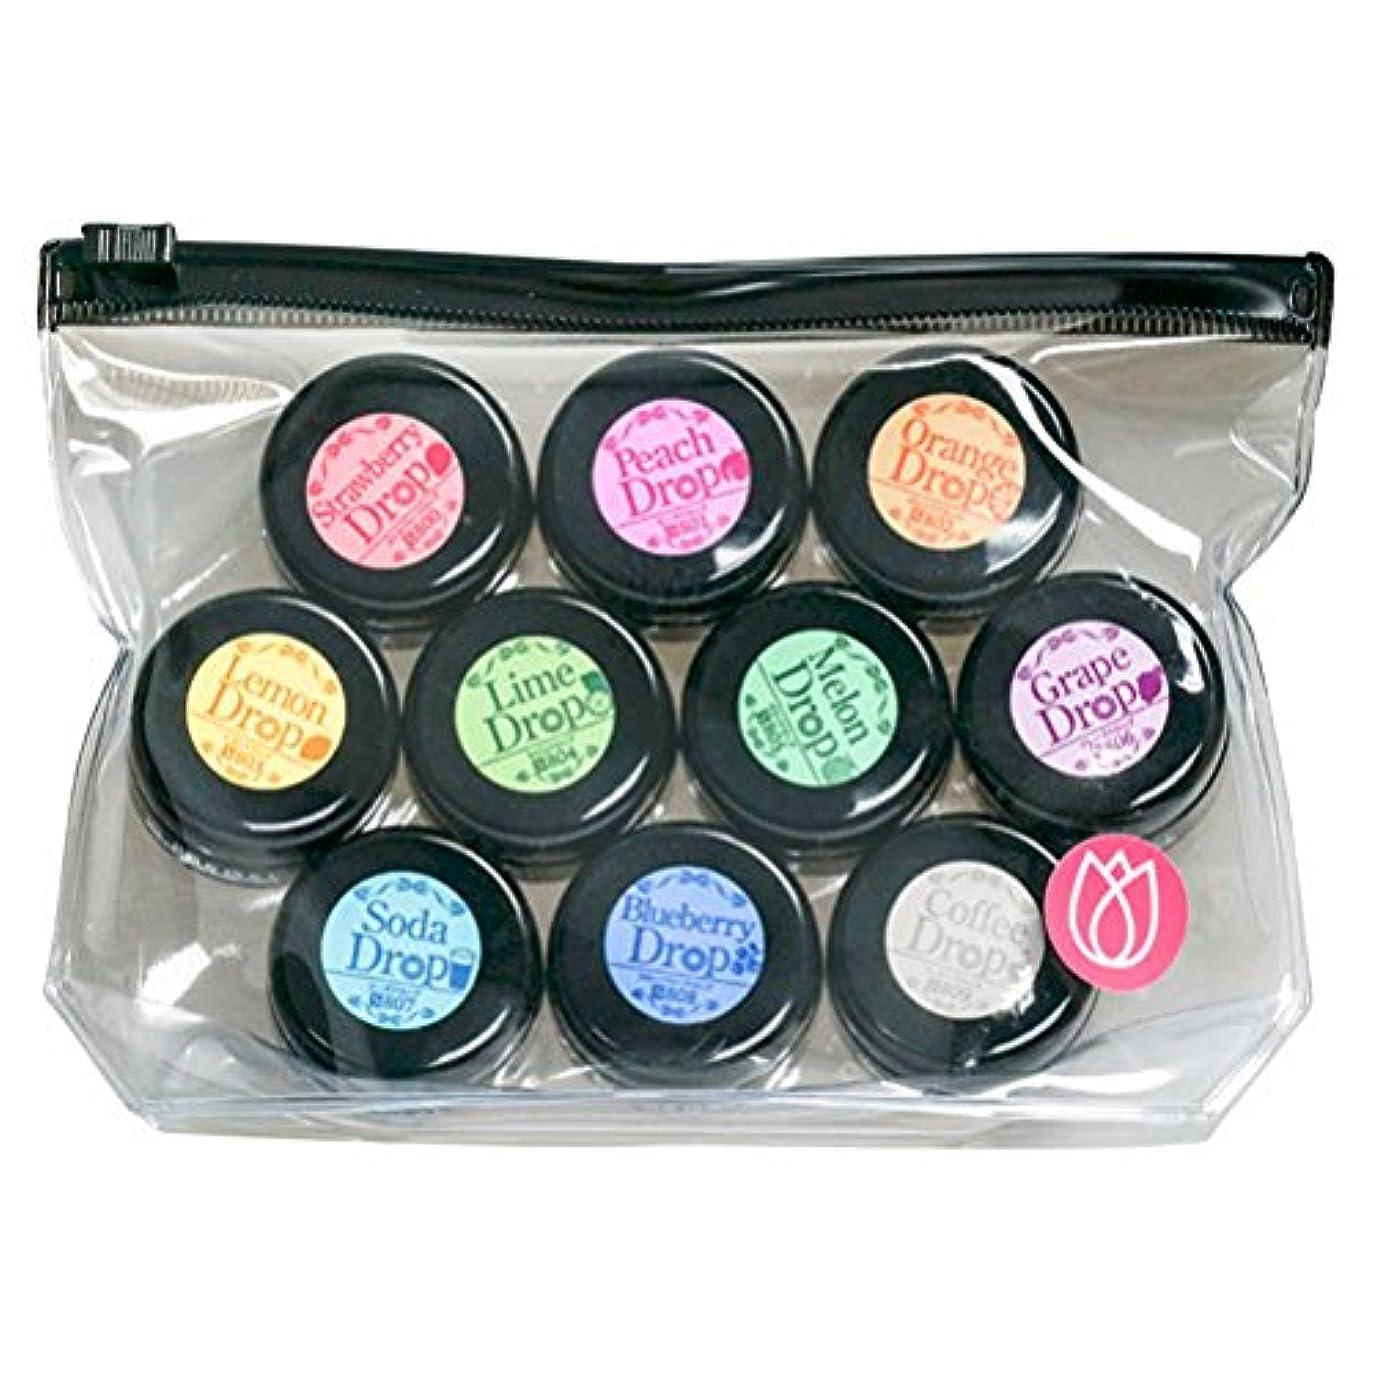 ポークエキサイティングキャンペーンプリジェル ジェルネイル スーパーカラーEXドロップシリーズ10色セット UV/LED対応 3g×10色